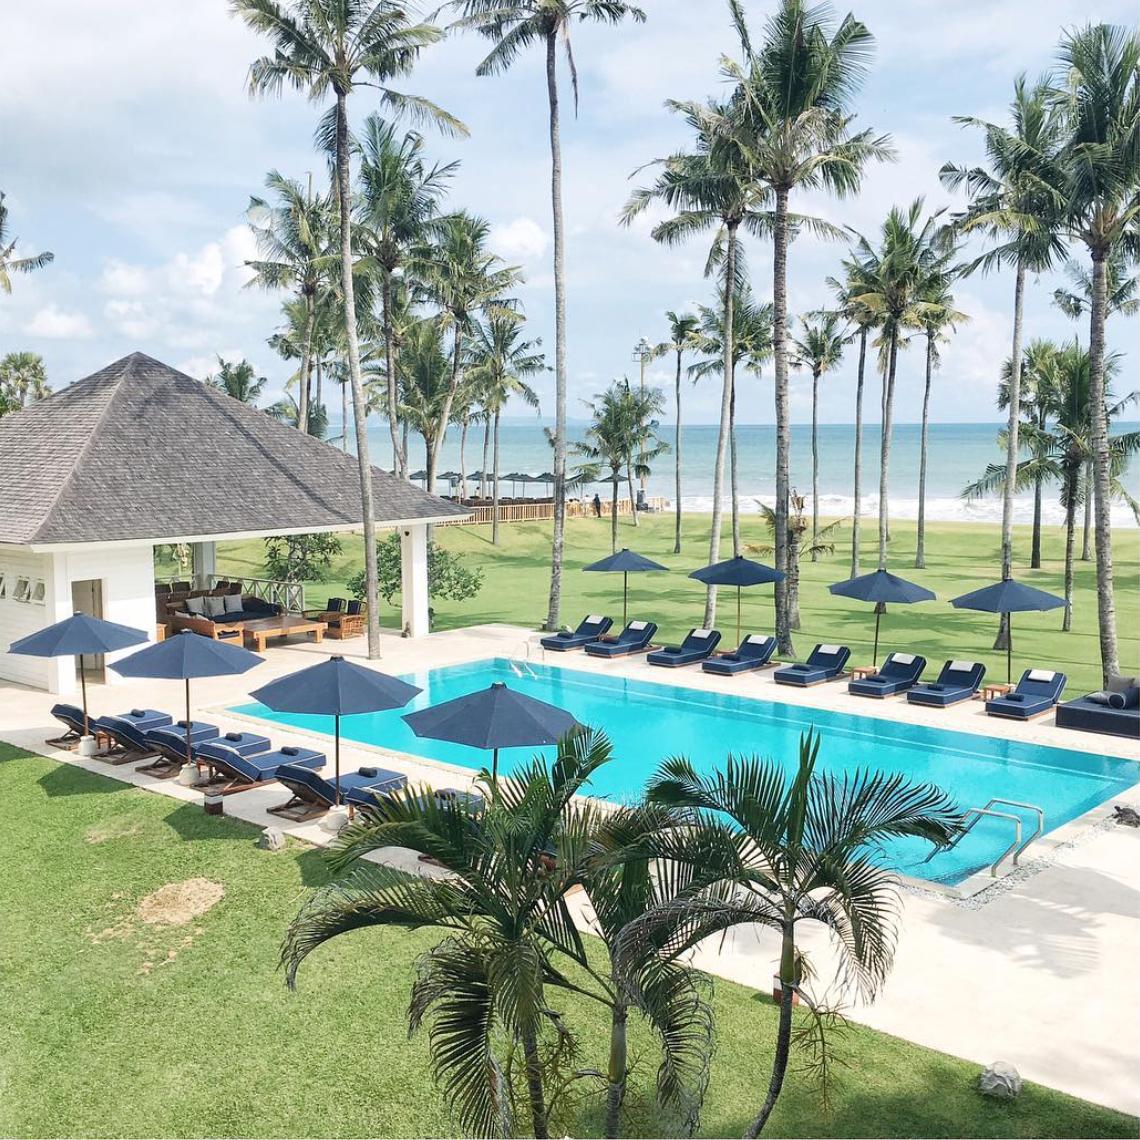 Die ersten fünf Bali-Tage in Instagram-Bildern + Tipps